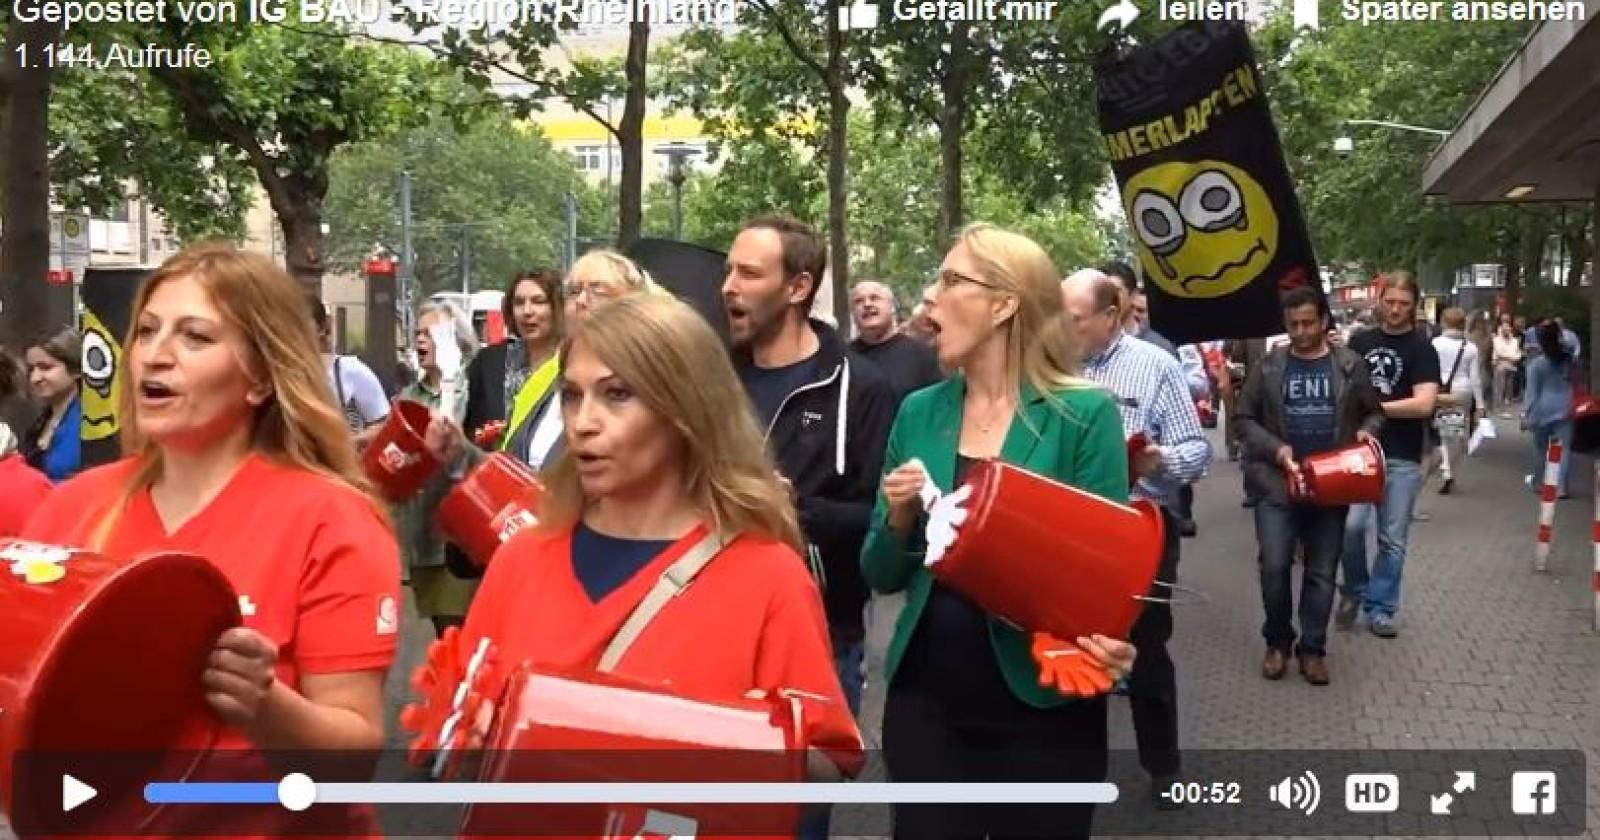 """Spontandemo im Rheinland - """"Stoppt das Turboputzen!"""""""